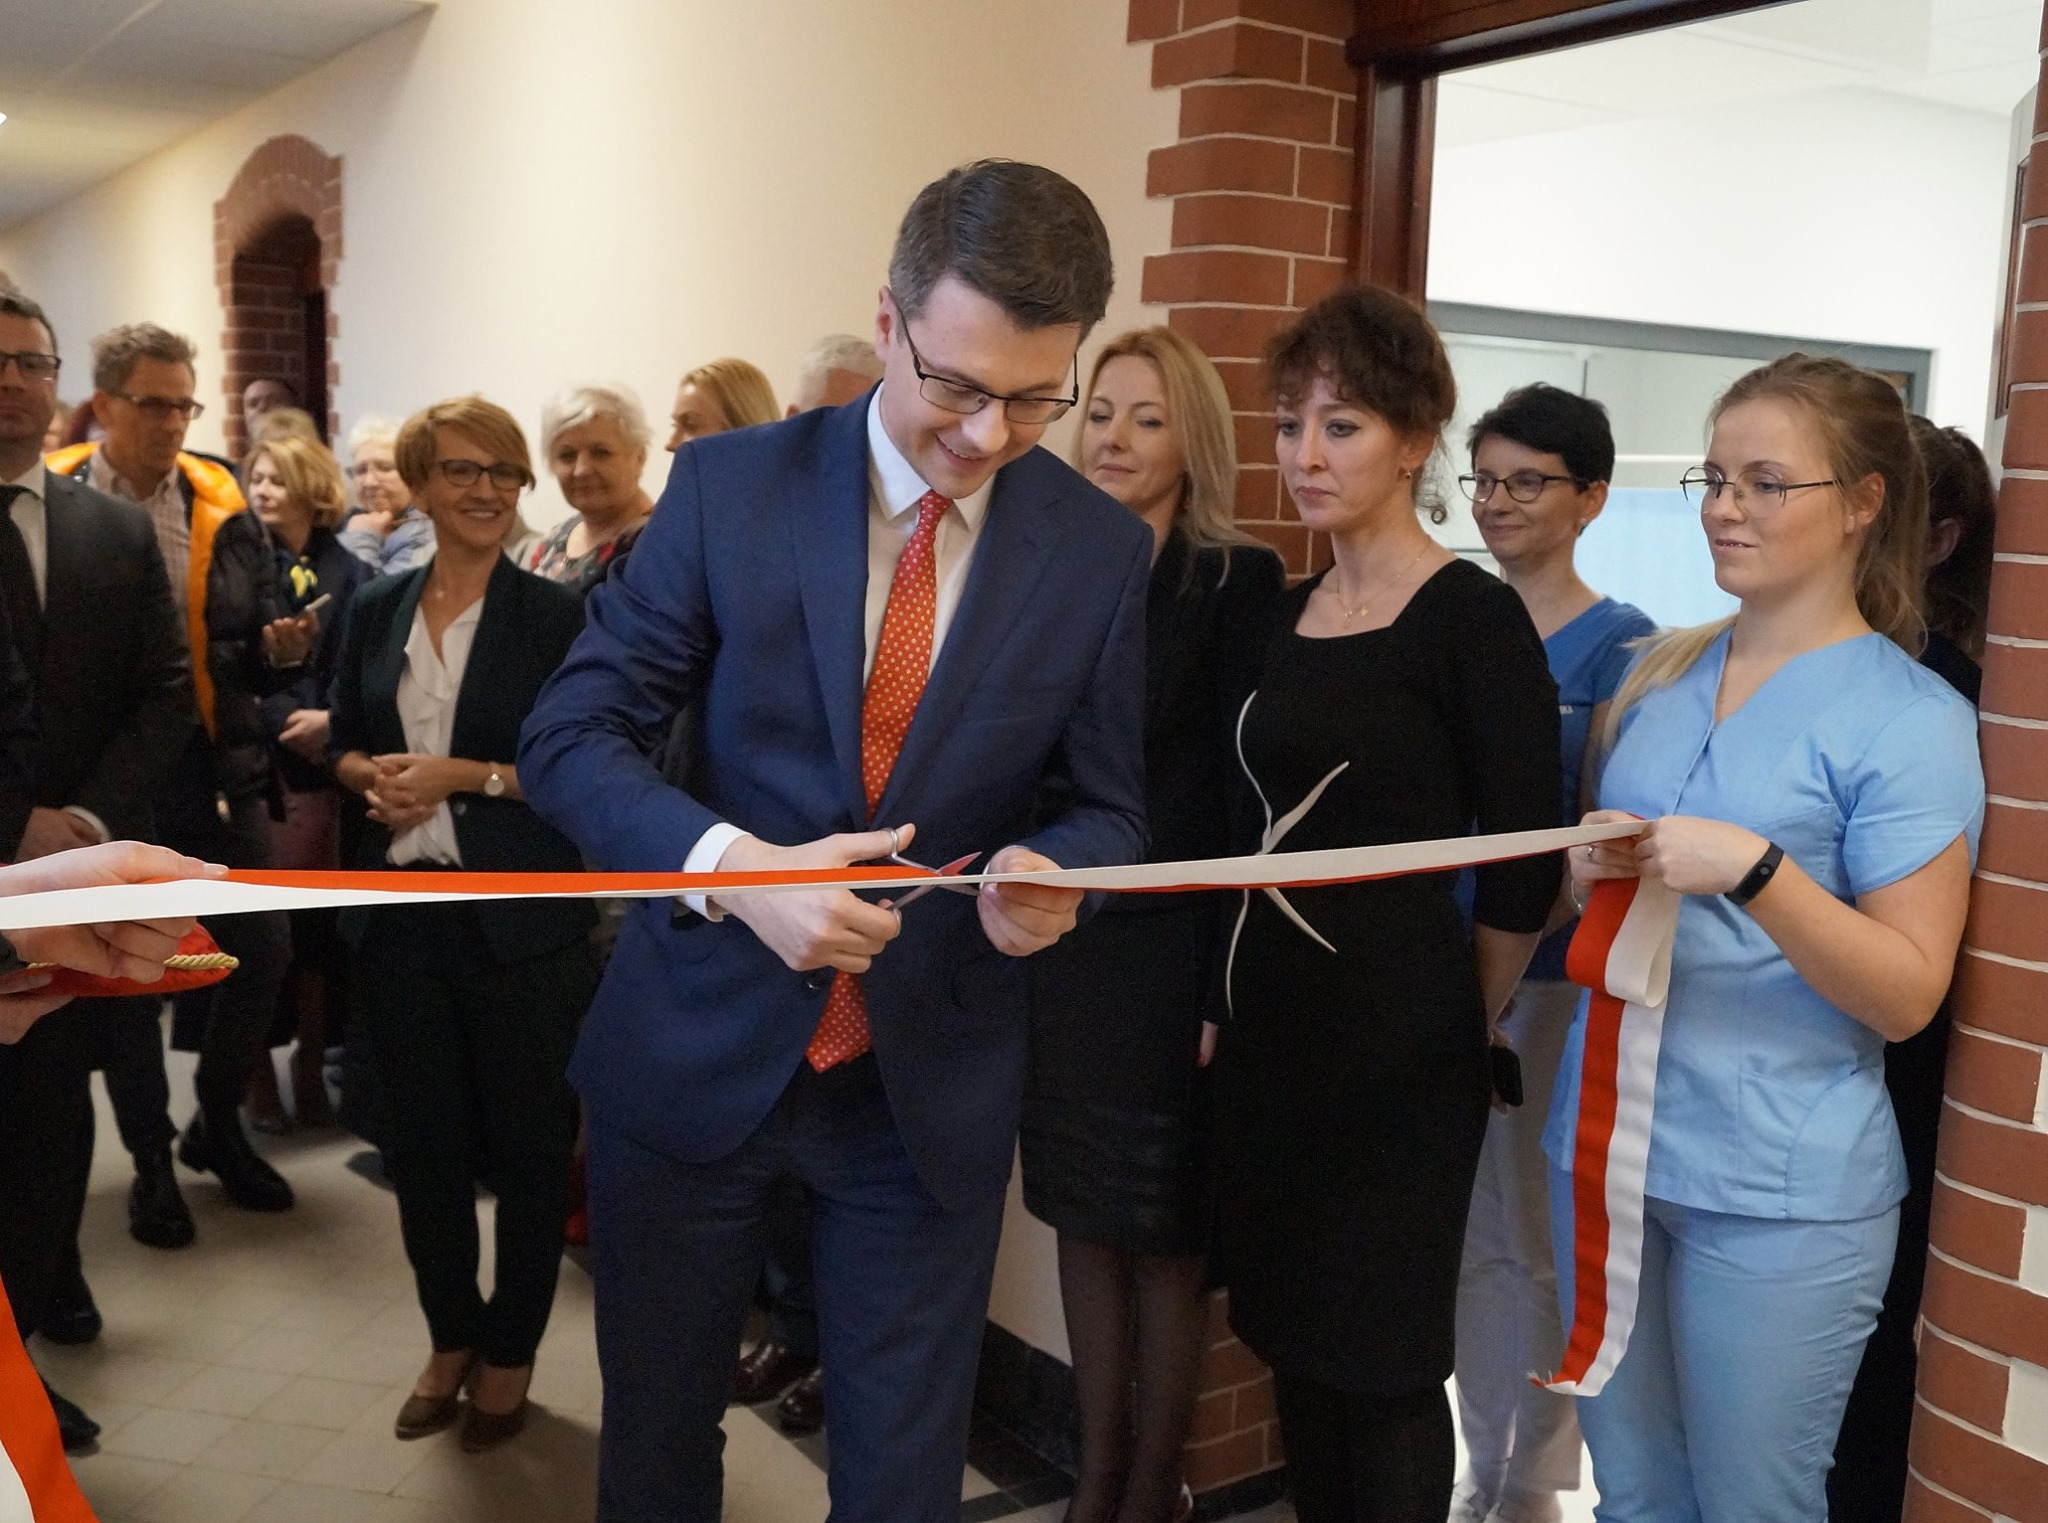 Poseł Piotr Müller uczestniczył w uroczystym otwarciu Monoprofilowego Centrum Symulacji Medycznej i Telemedecyny. Słupska uczelnia może pochwalić się jednym z najnowocześniejszych zapleczy dydaktycznych w Polsce.